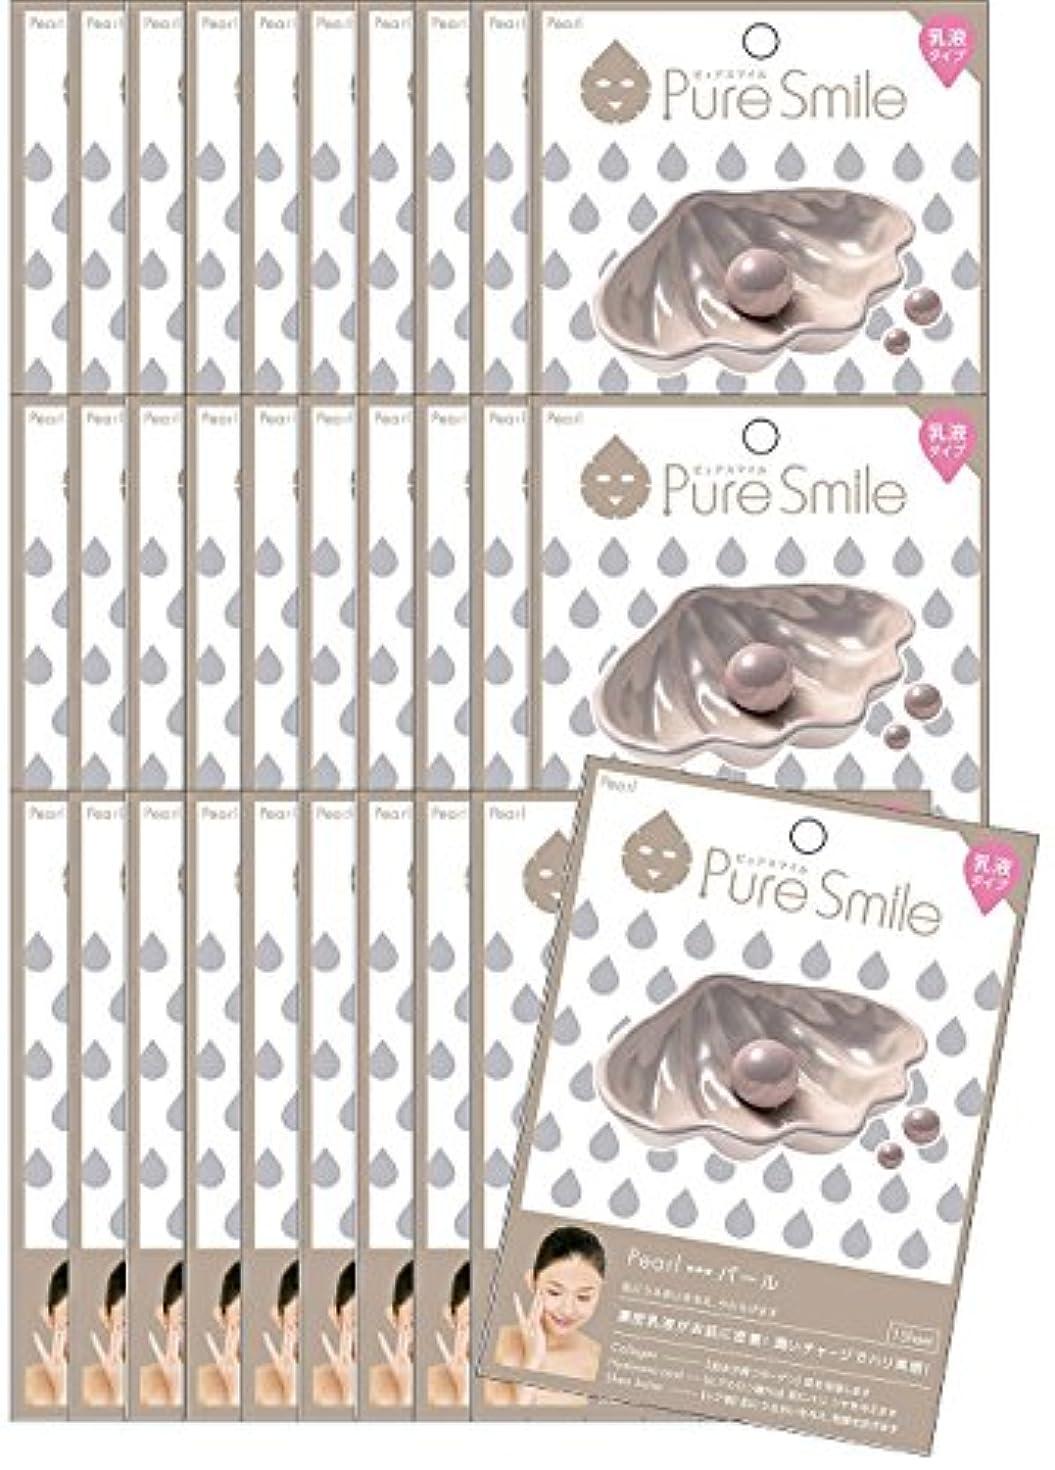 トロピカルウサギサドルピュアスマイル 『乳液エッセンスマスク パール』30枚セット